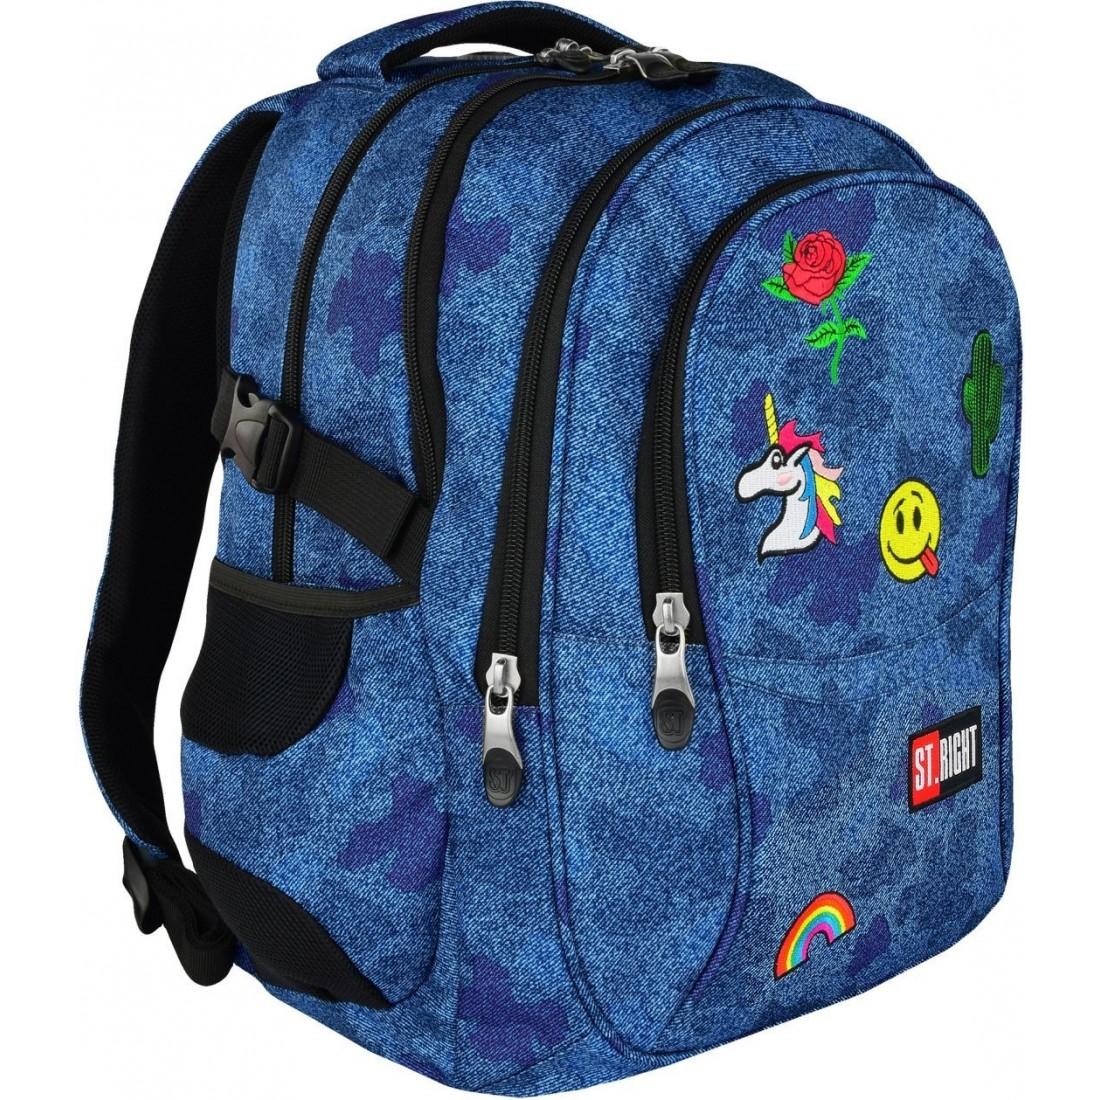 456c01c279e0c Plecak szkolny ST.RIGHT JEANS   BADGES niebieski dżins i naszywki  młodzieżowy